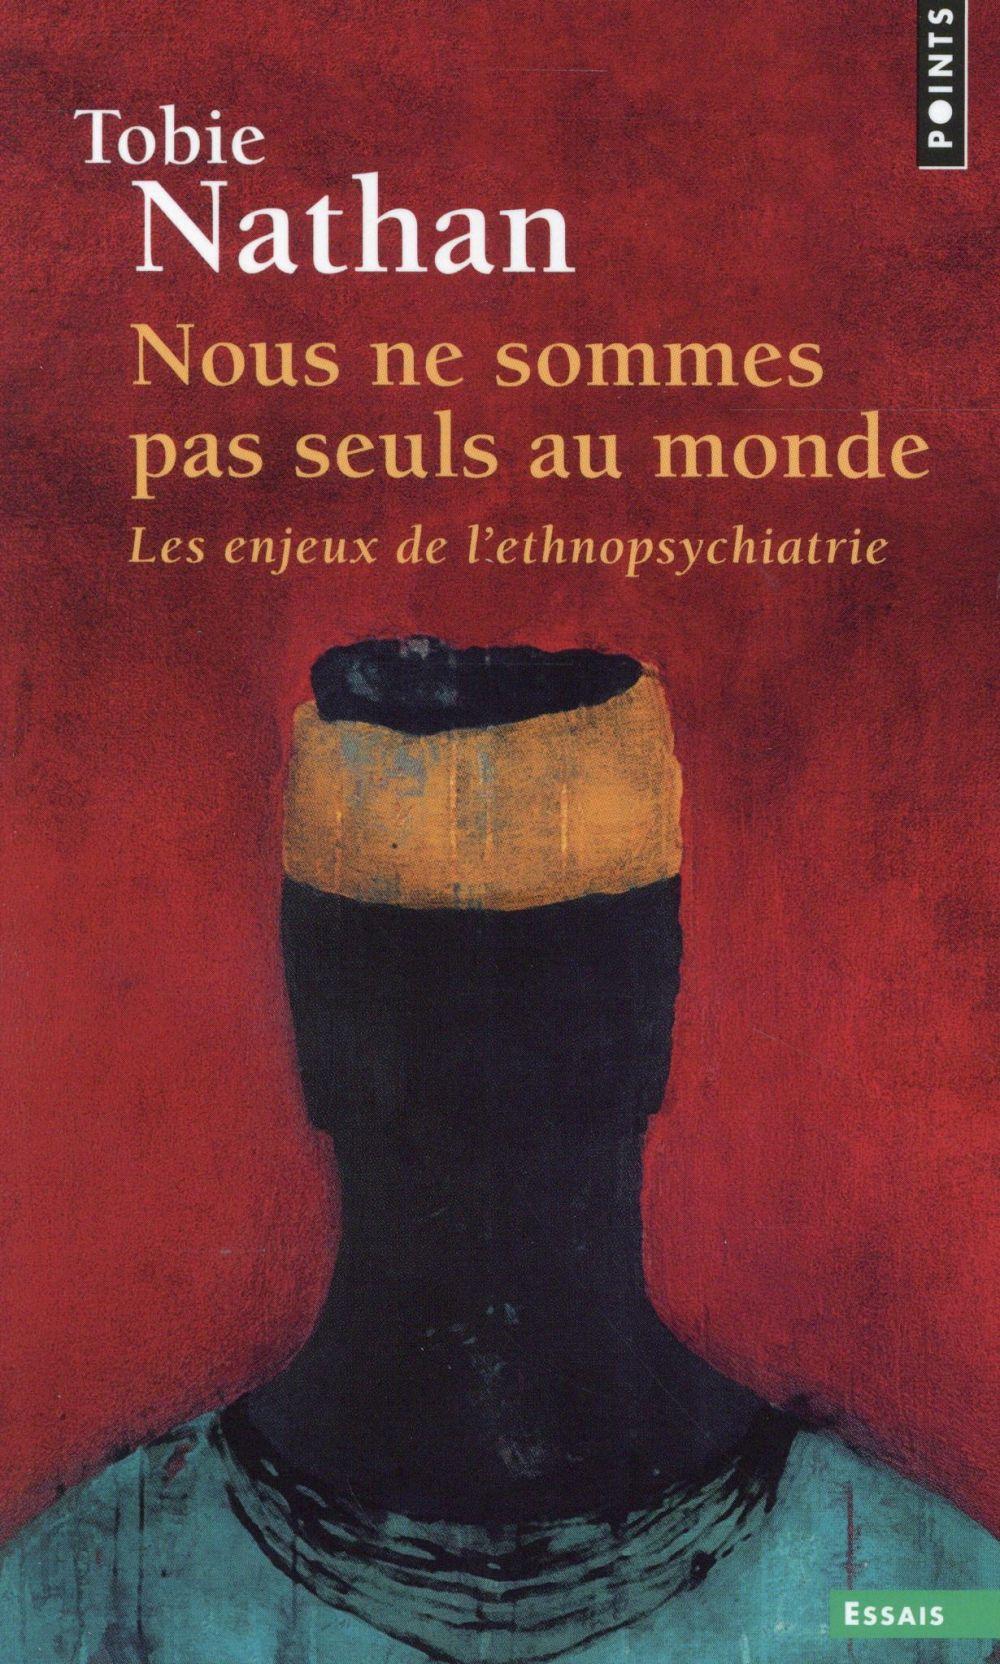 Nathan Tobie - NOUS NE SOMMES PAS SEULS AU MONDE  -  LES ENJEUX DE L'ETHNOPSYCHIATRIE